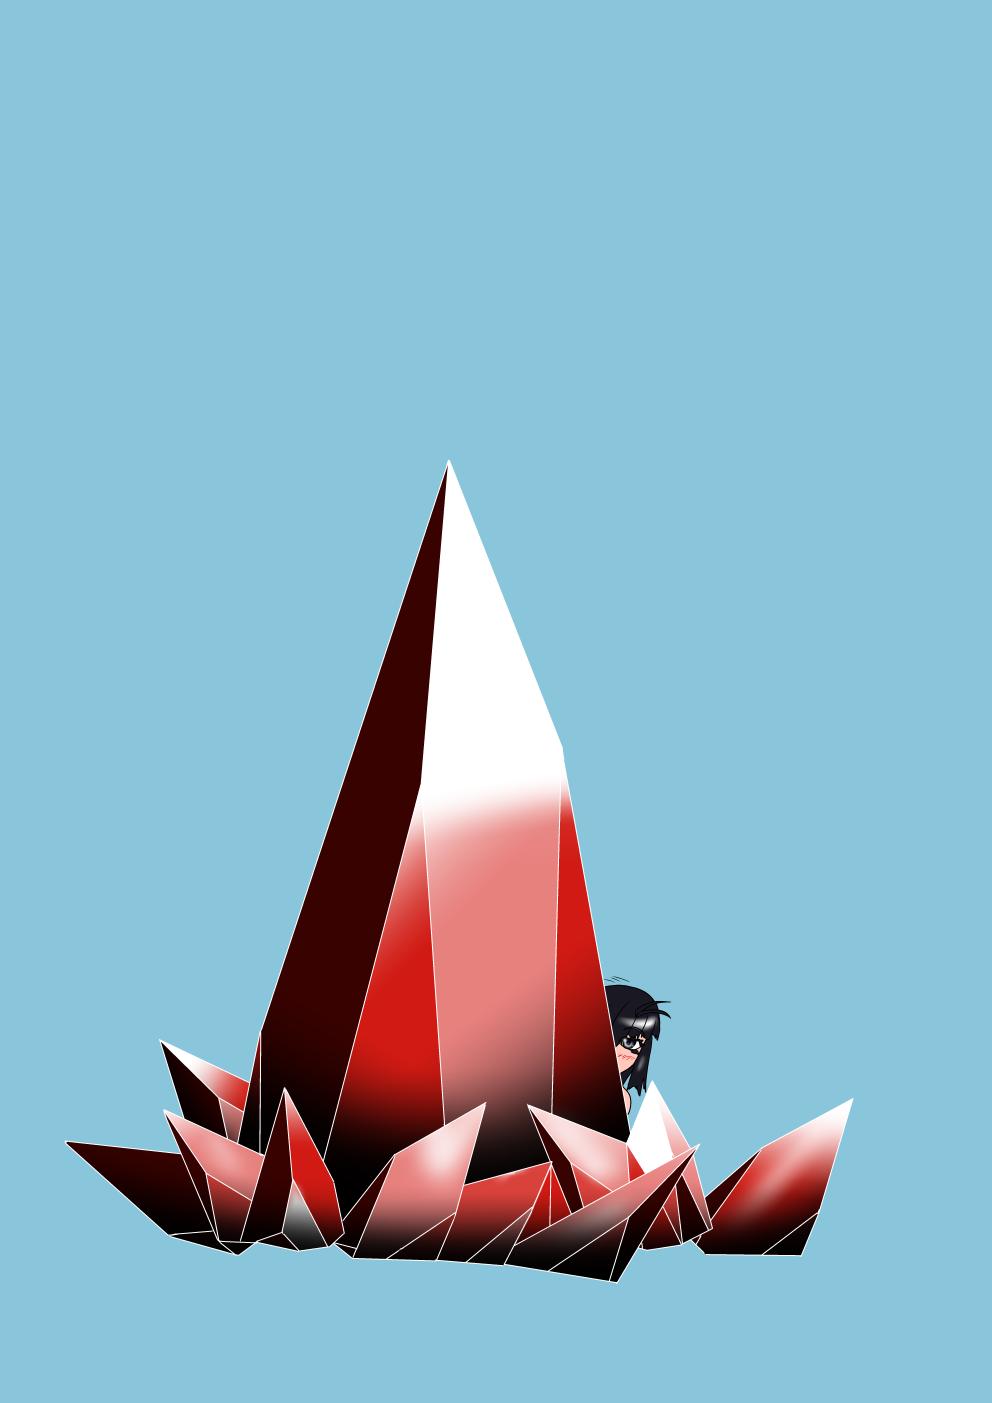 水晶の描き方練習その1(八雲楓)